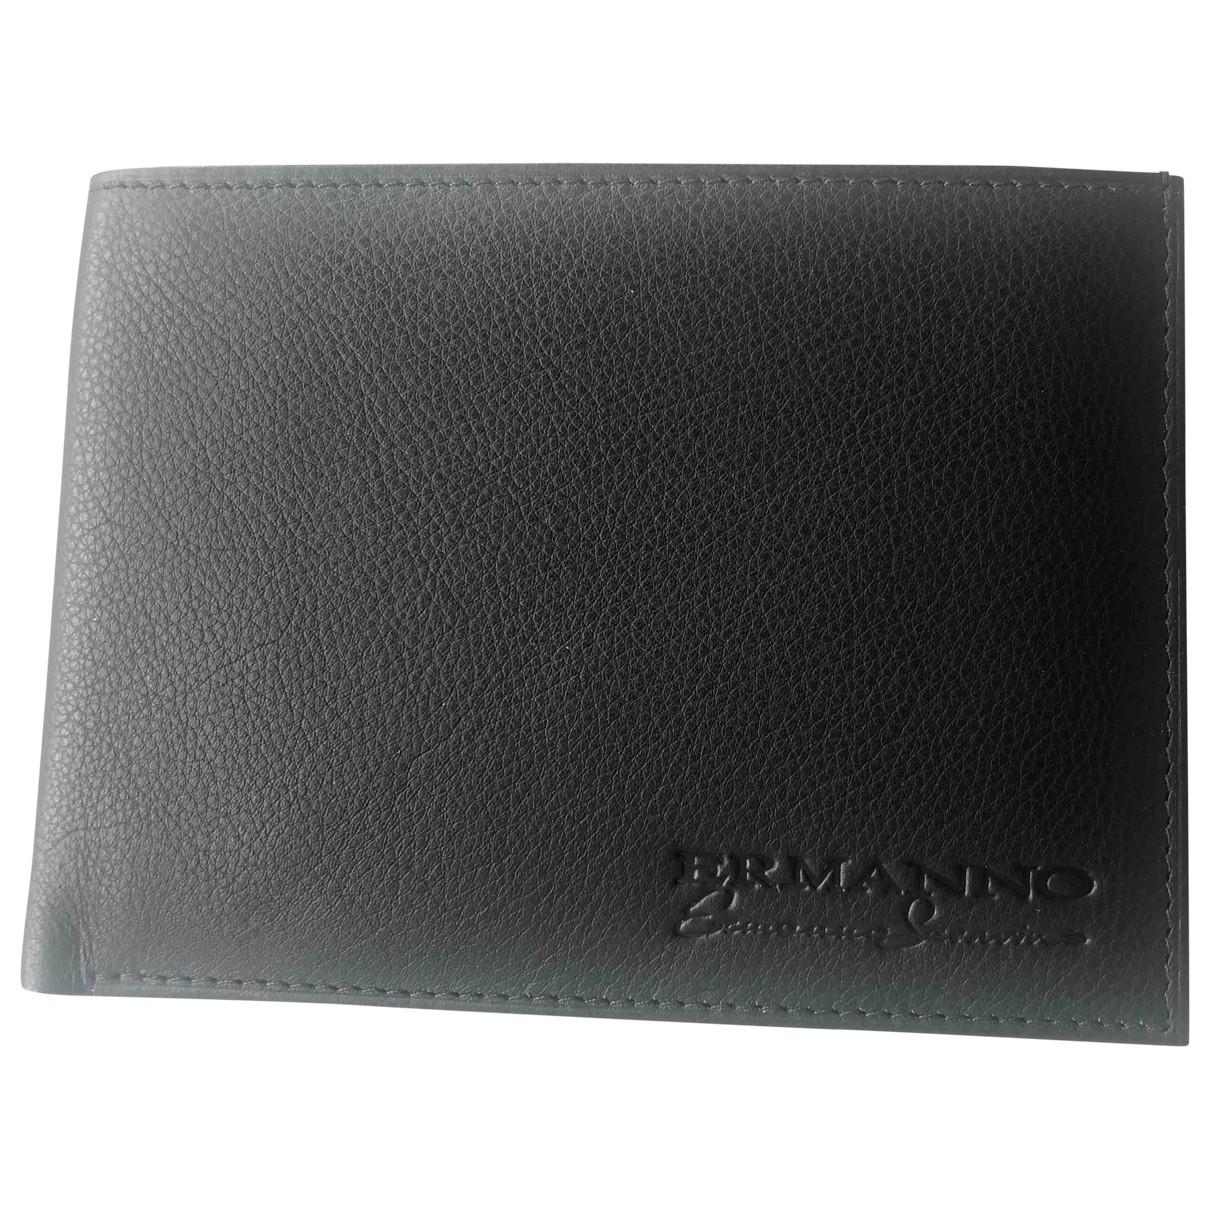 Ermanno Scervino \N Black Leather Small bag, wallet & cases for Men \N